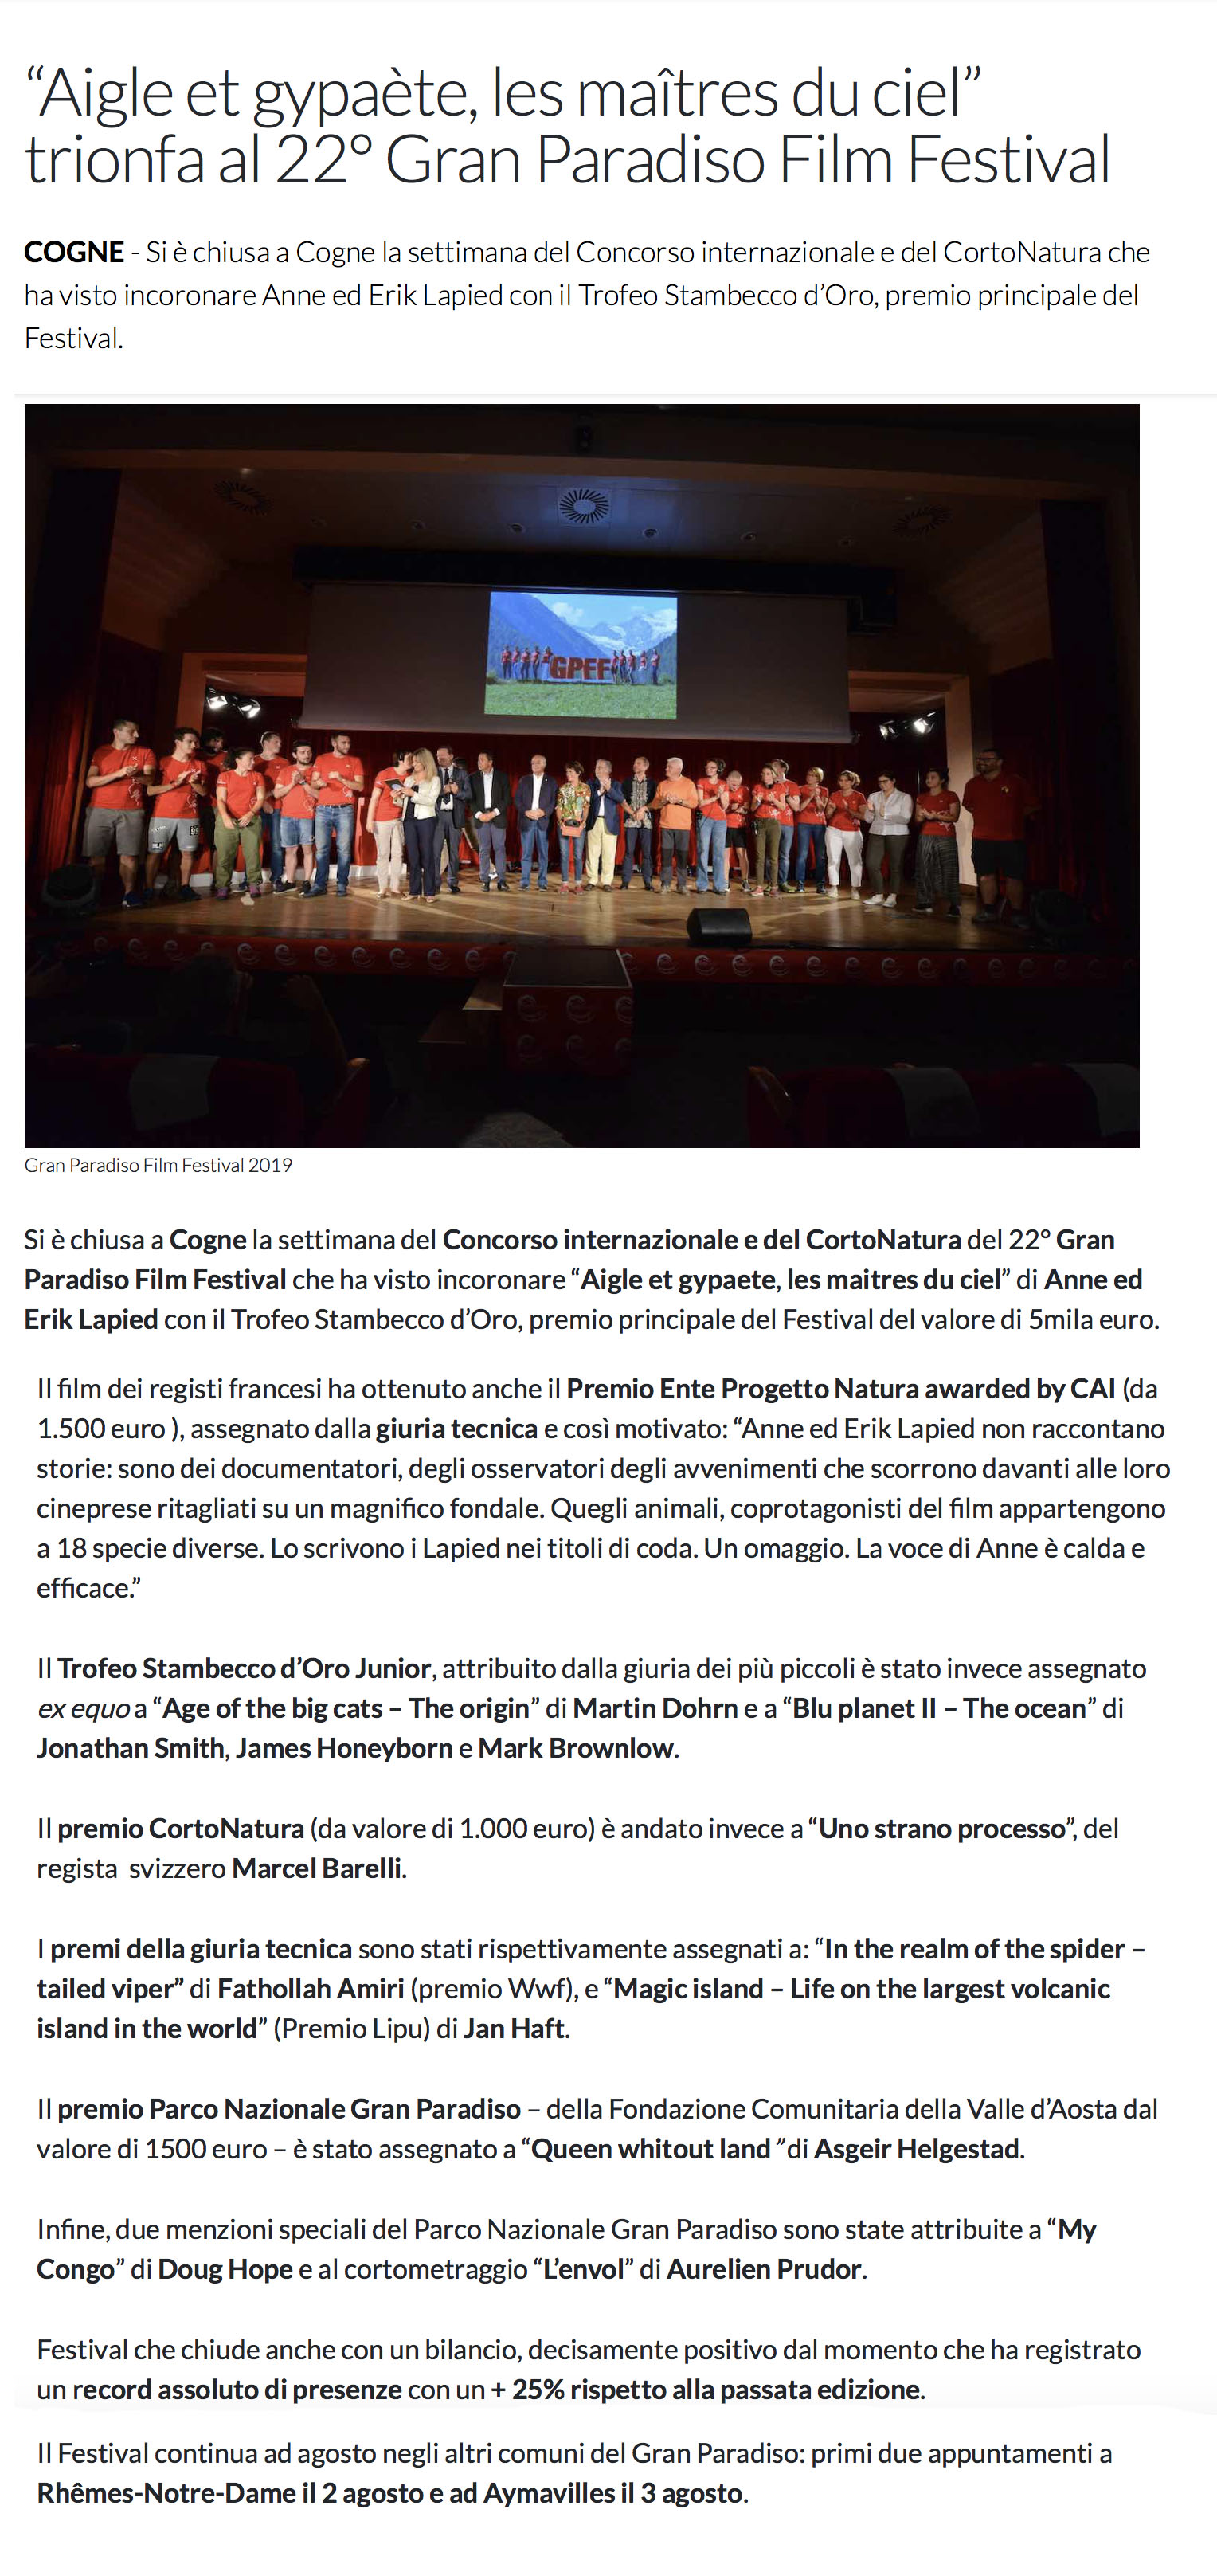 """""""Aigle et gypaète, les maîtres du ciel"""" trionfa al 22º Gran Paradiso Film Festival"""